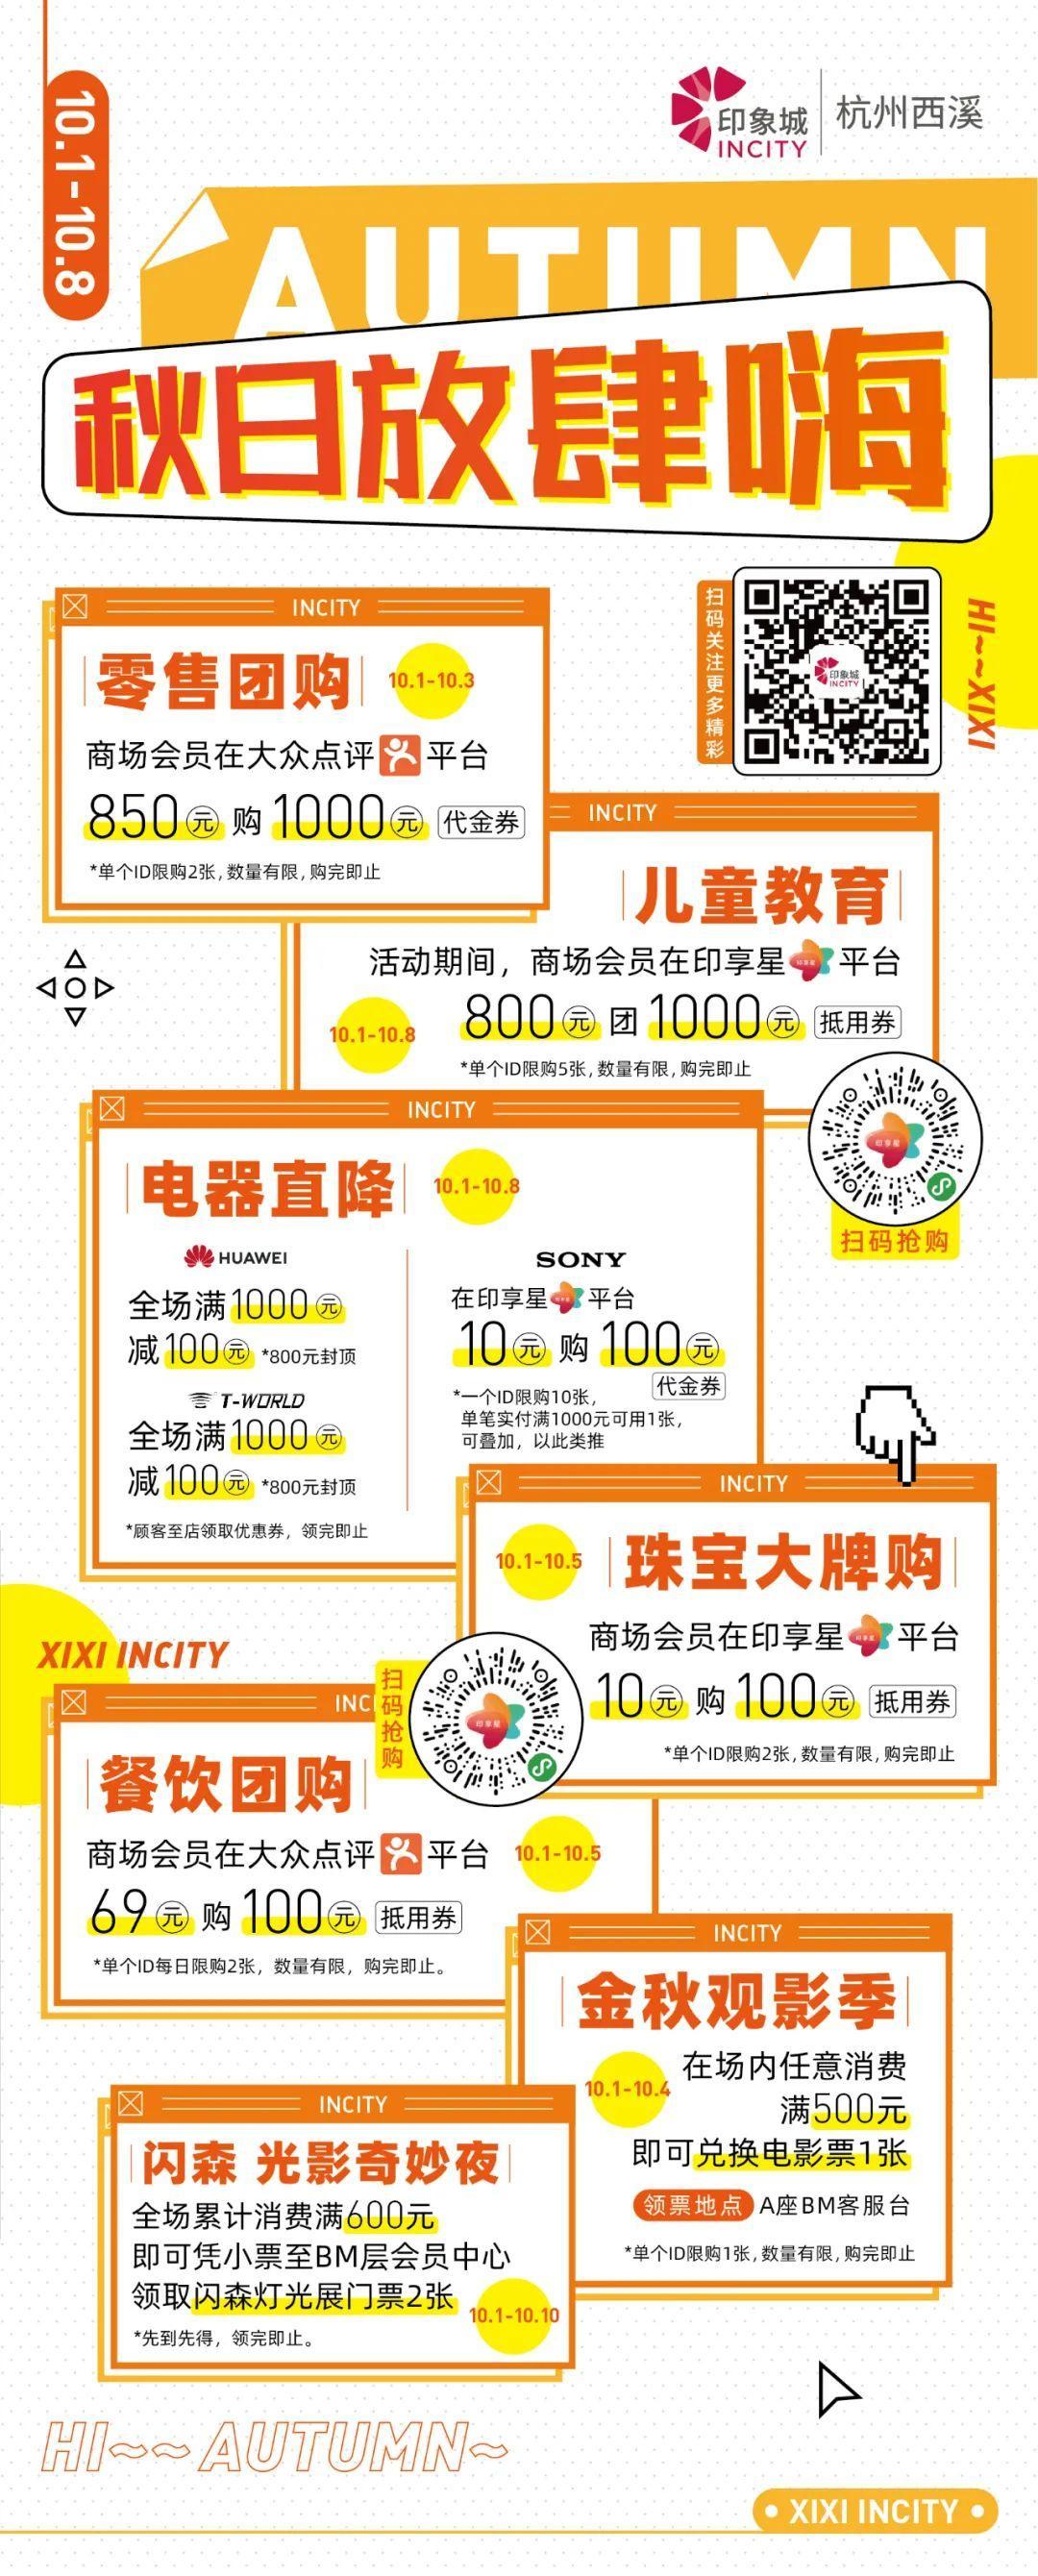 IN有尽有!西溪印象城IN次方浪潮周,玩转十一小长假!(图80)